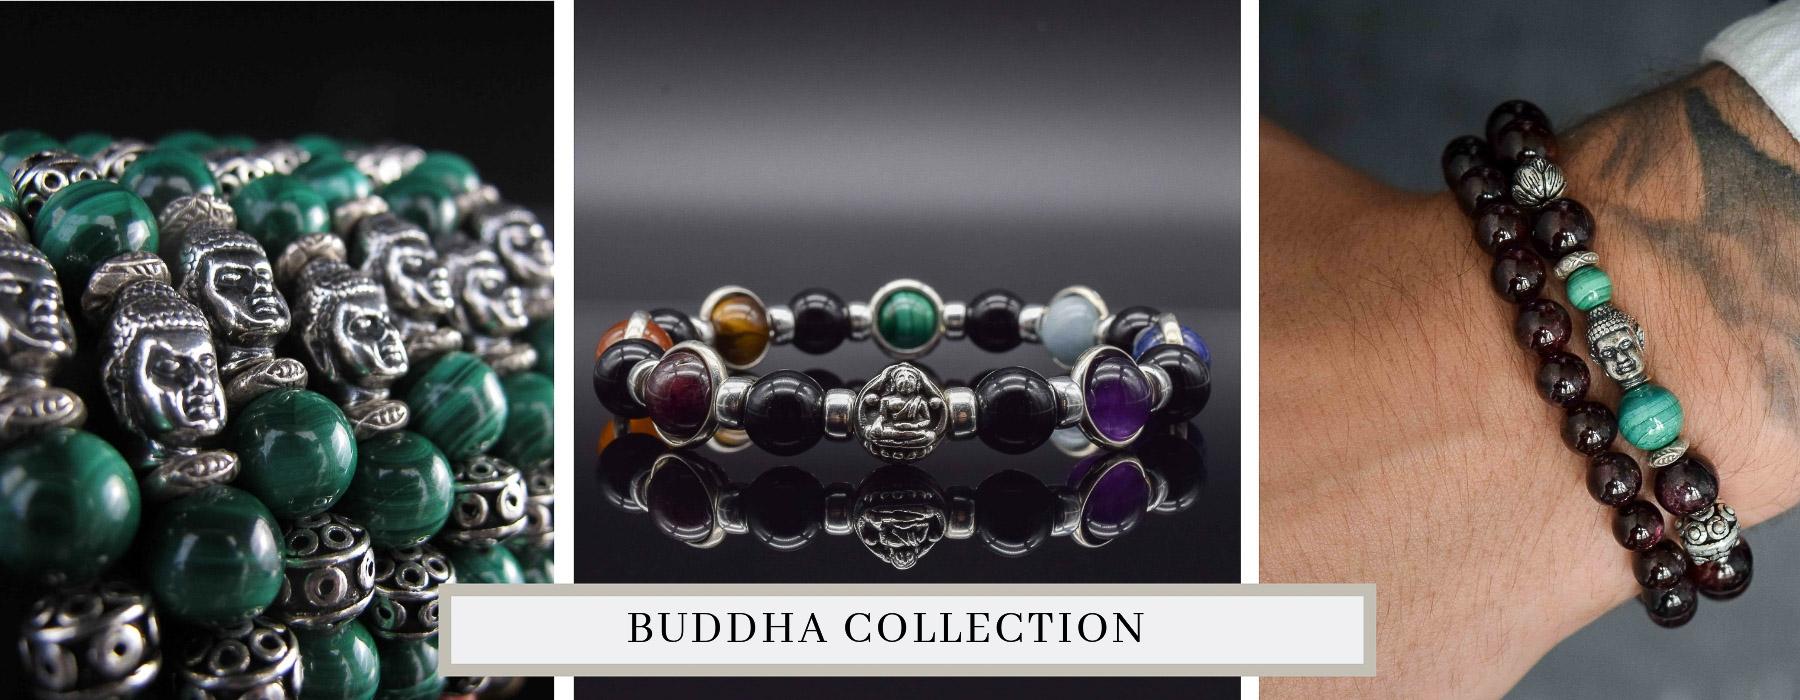 Crystal Jewellery for Women, luxury jewellery for men